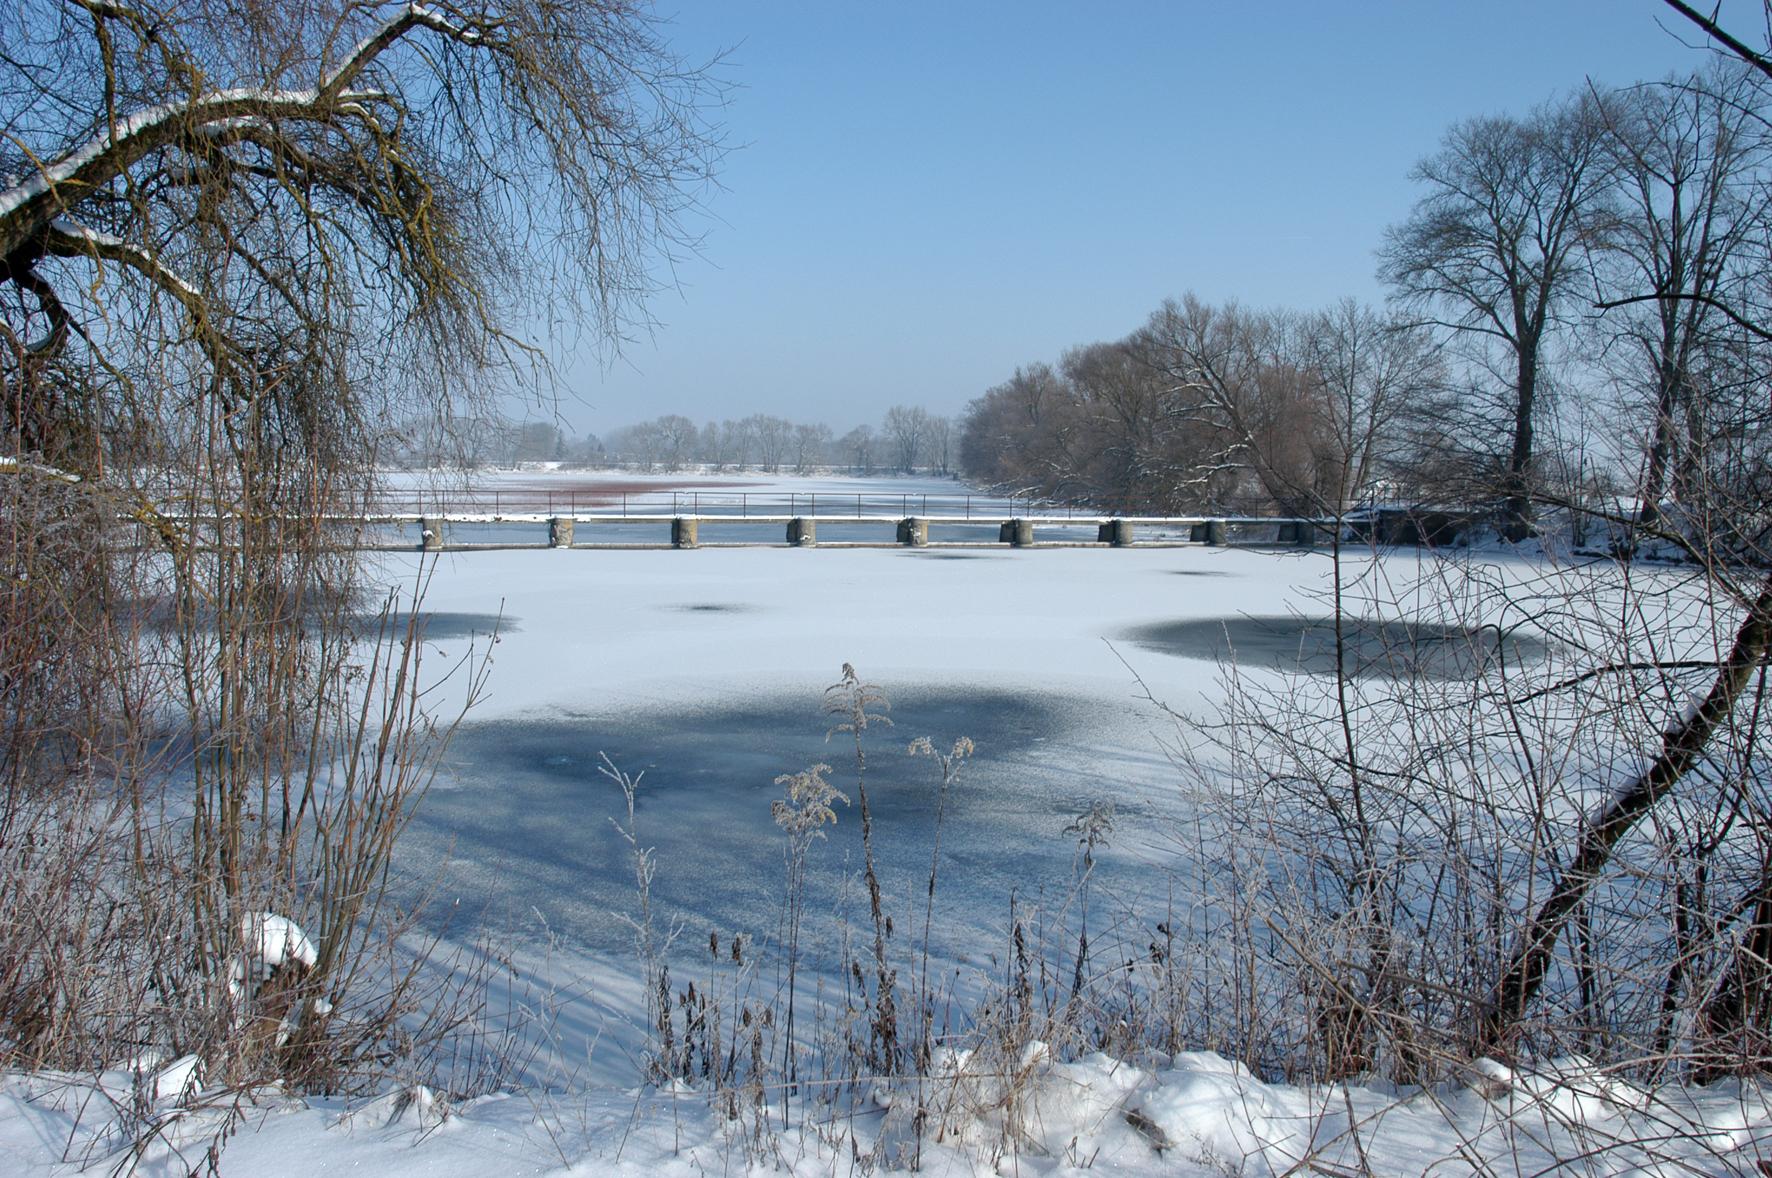 Die Eisdecke auf Seen und Weihern ist oft nicht so stabil, wie es auf den ersten Blick scheint.